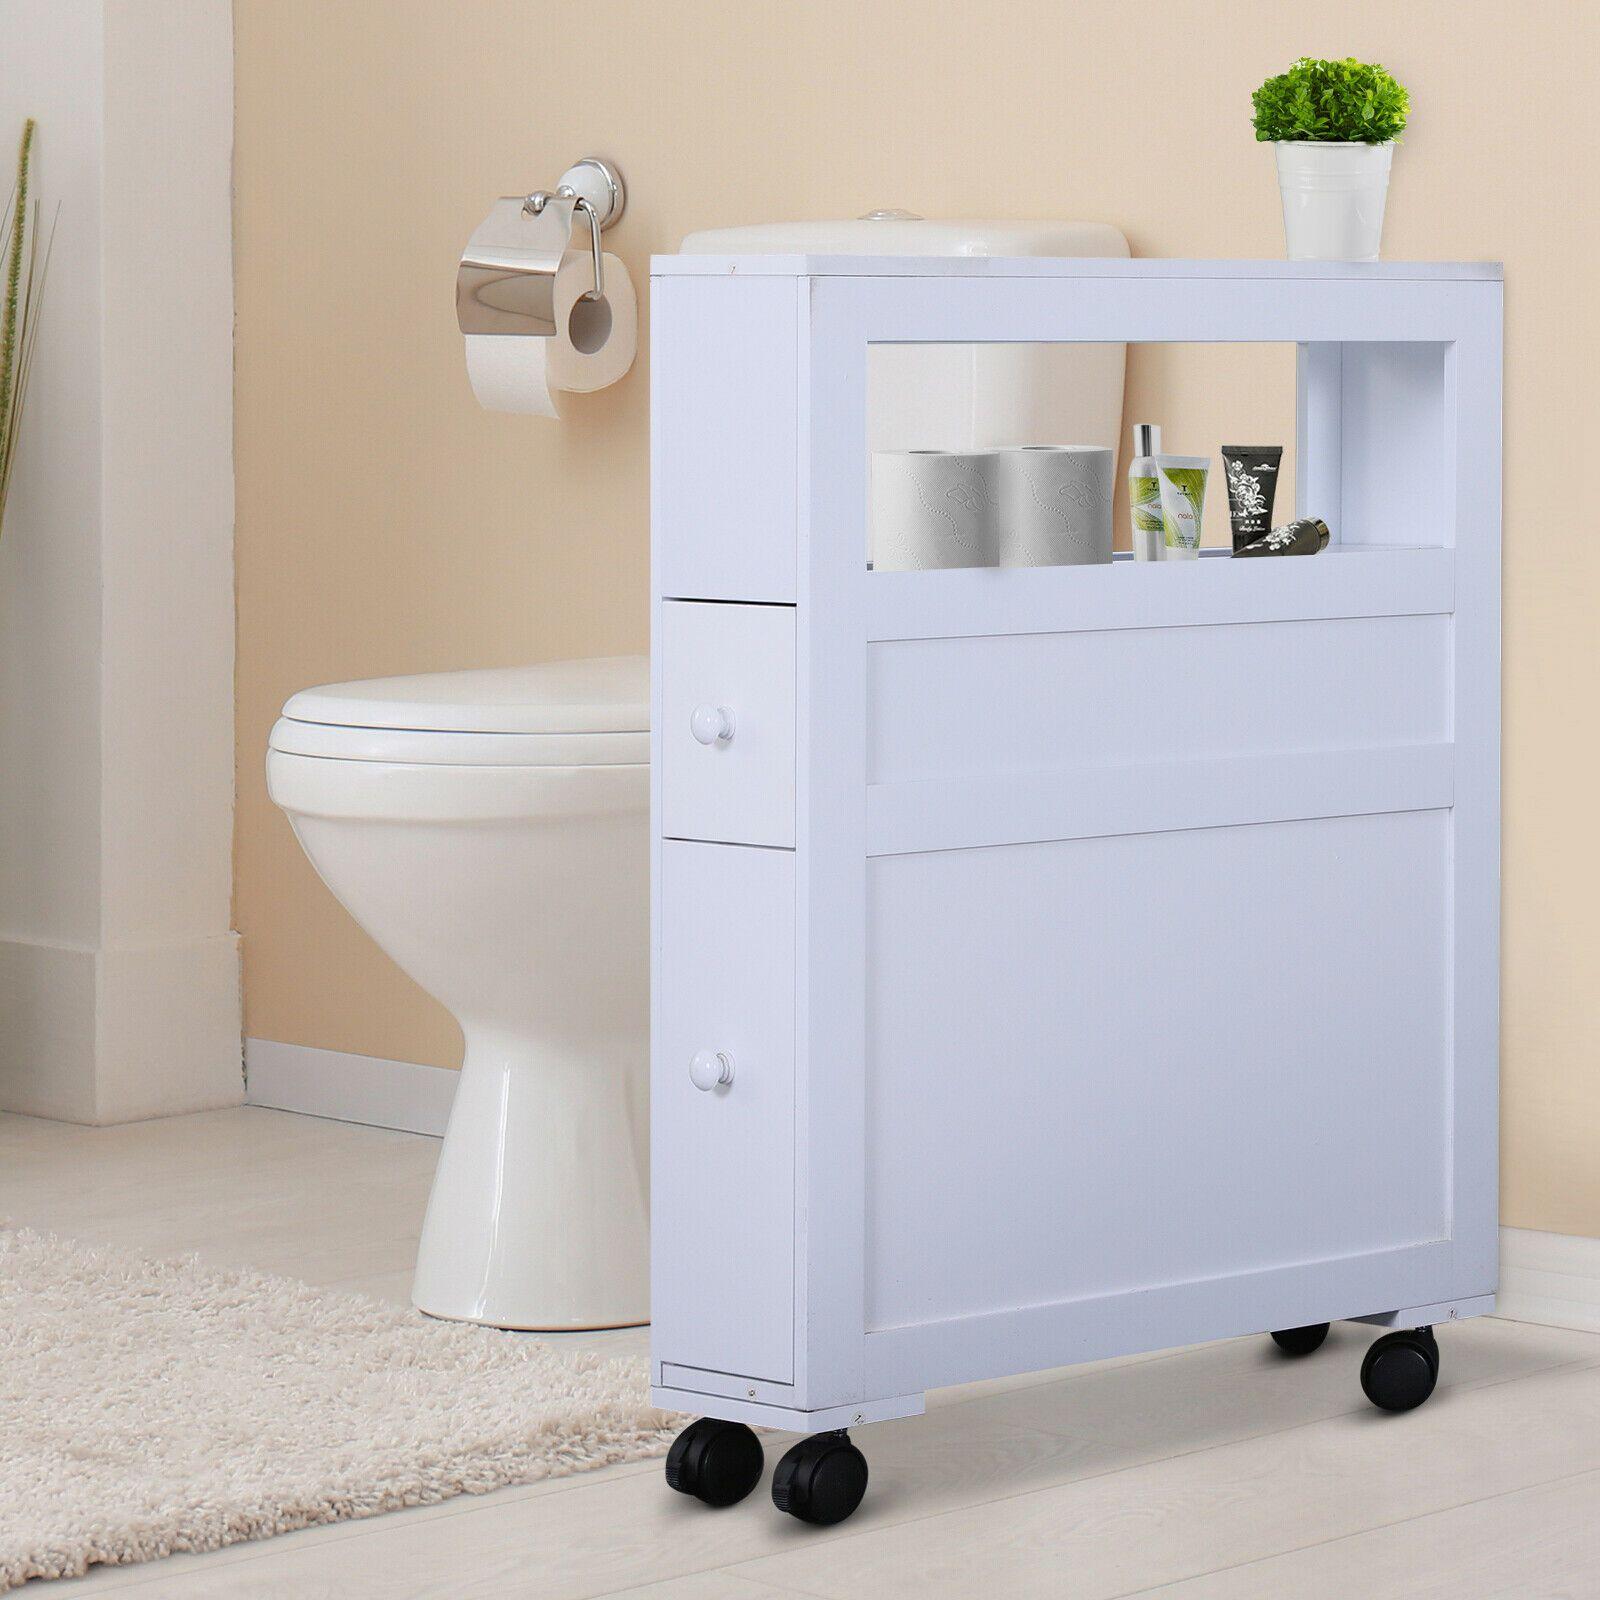 Wood Rolling Slim Narrow Bathroom Floor Side Storage Cabinet White 842525132503 Ebay In 2020 Bathroom Floor Storage Cabinet Bathroom Floor Cabinets Small Bathroom Storage Cabinet